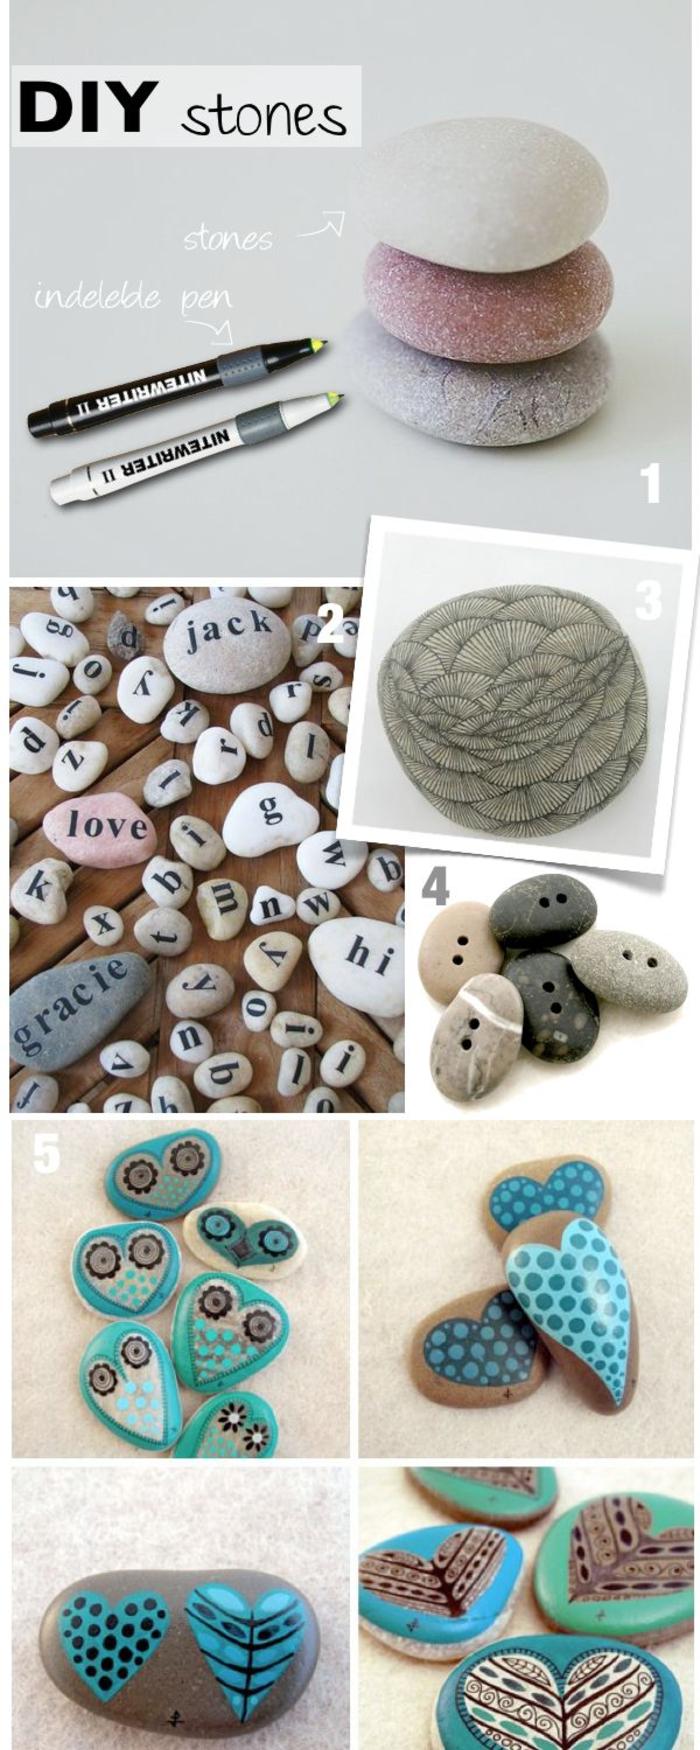 pebble painting ideas22